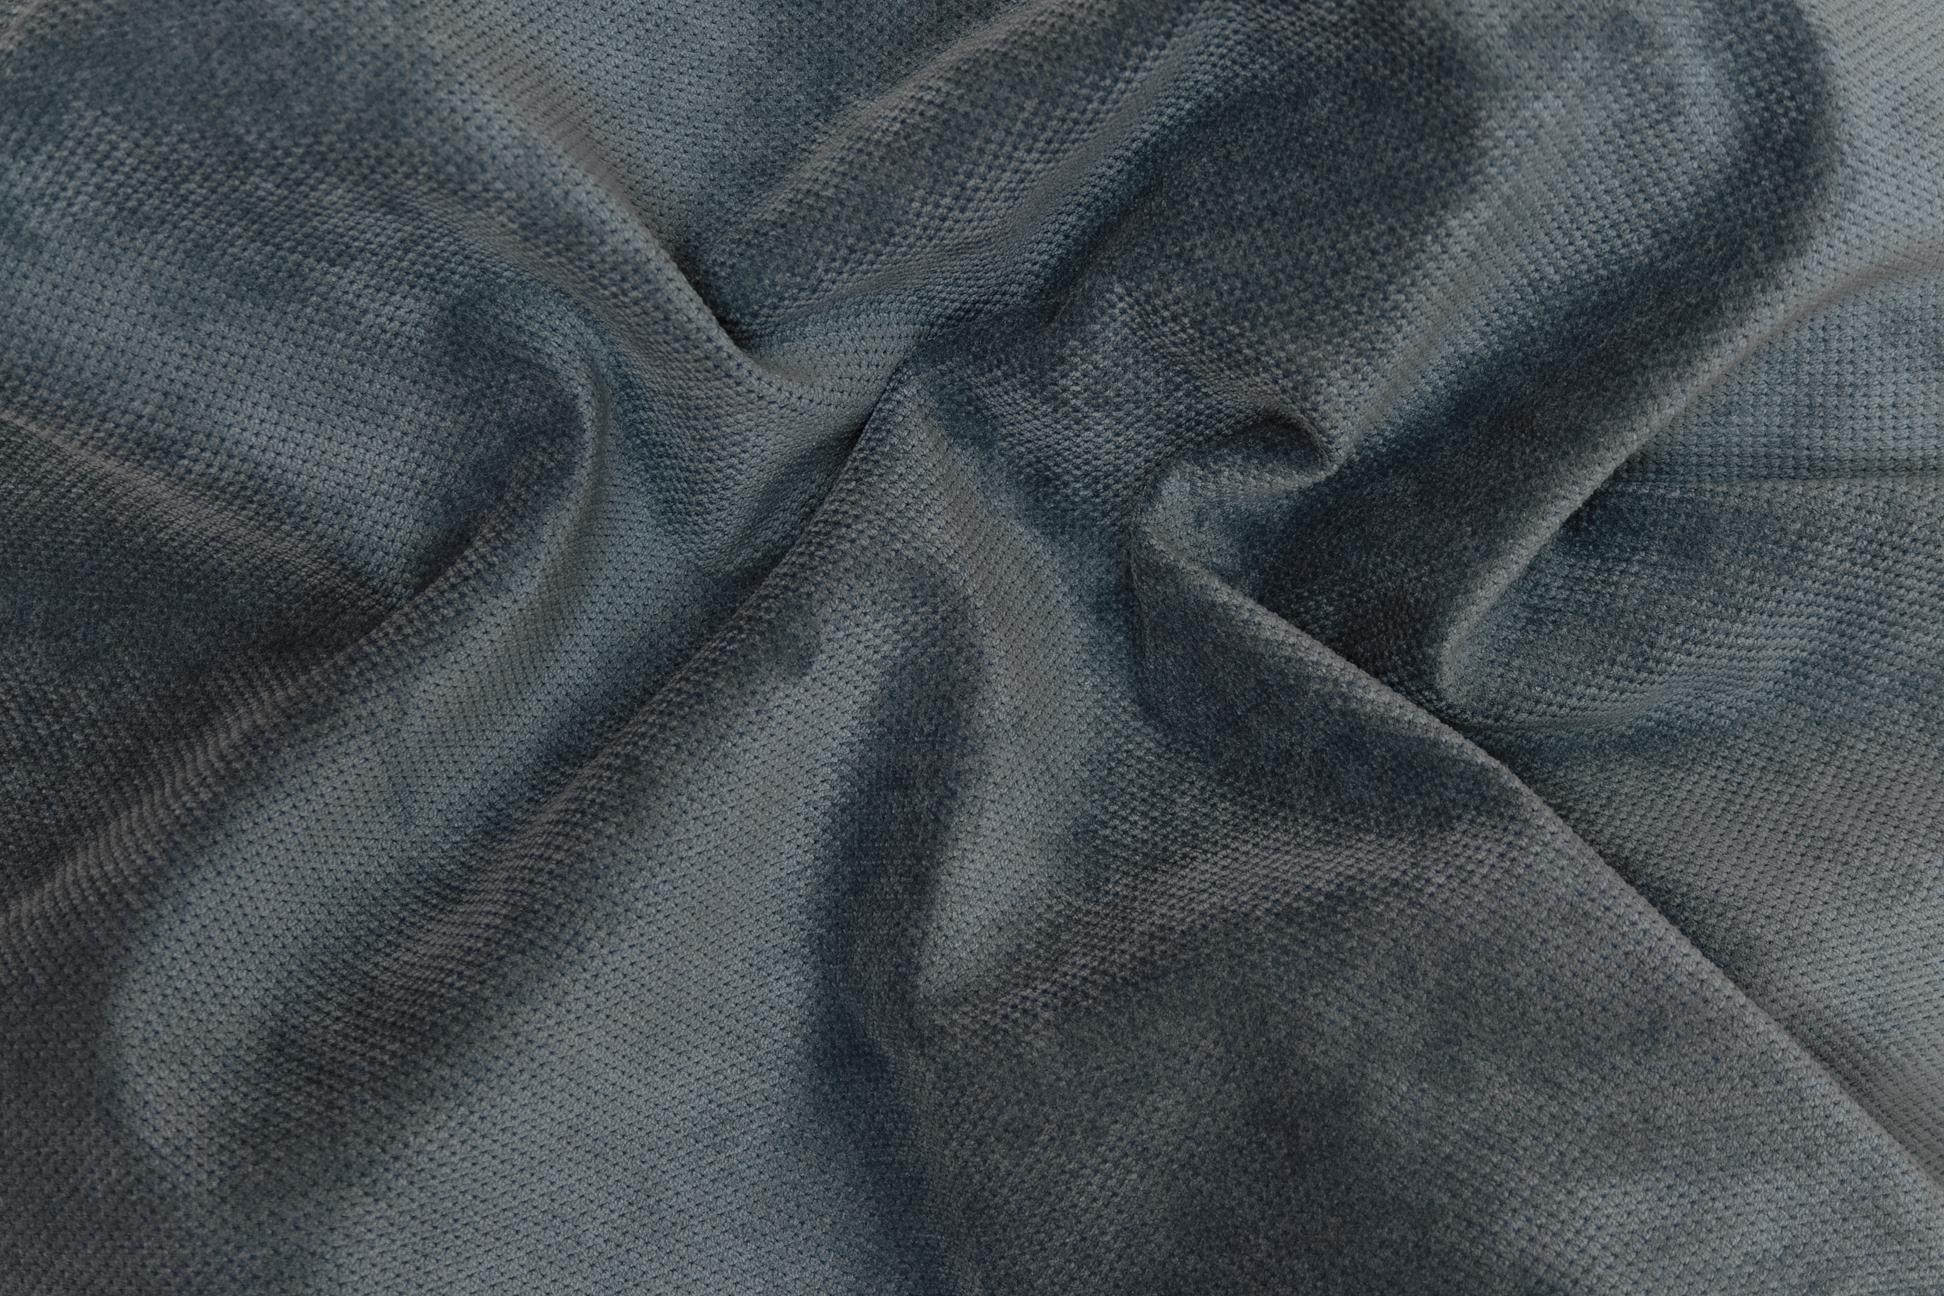 Что такое ткань корд и где она используется?